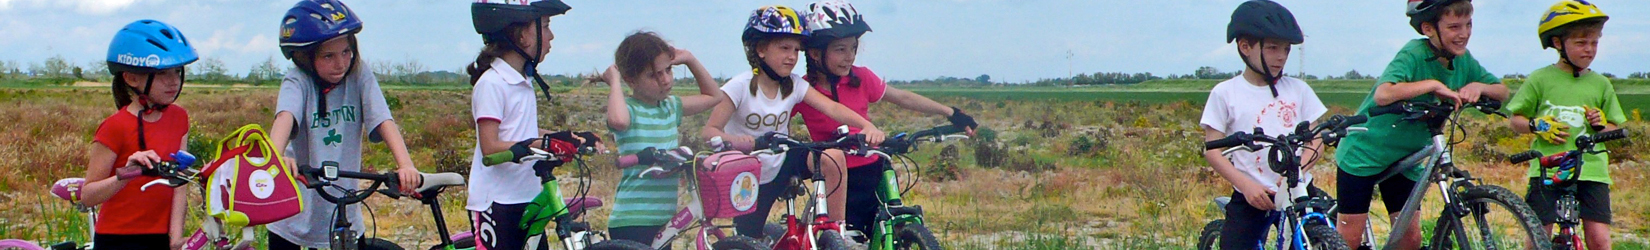 Corsi di Bicicletta BAMBINI